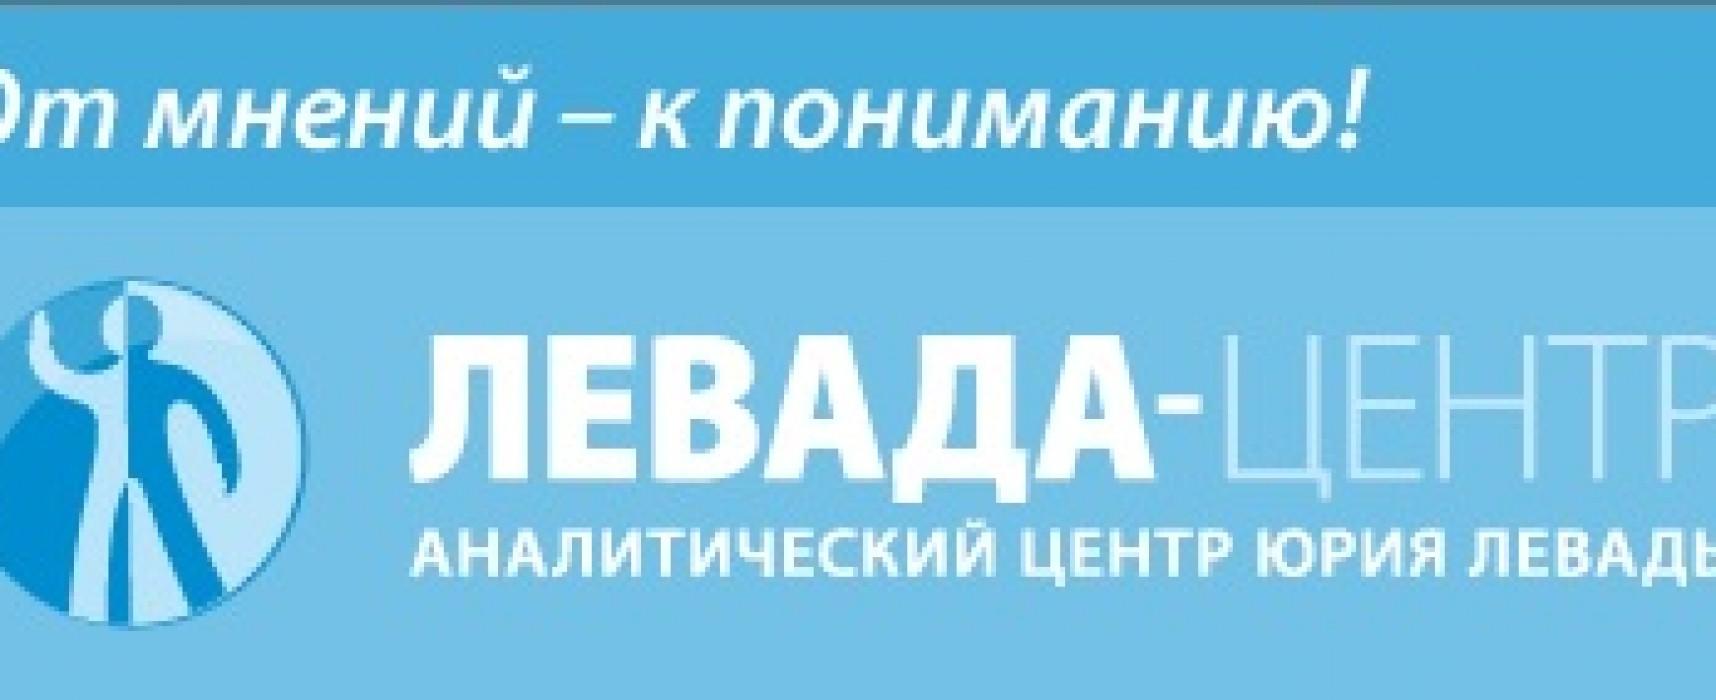 2014 в России: главные события, люди, фильмы